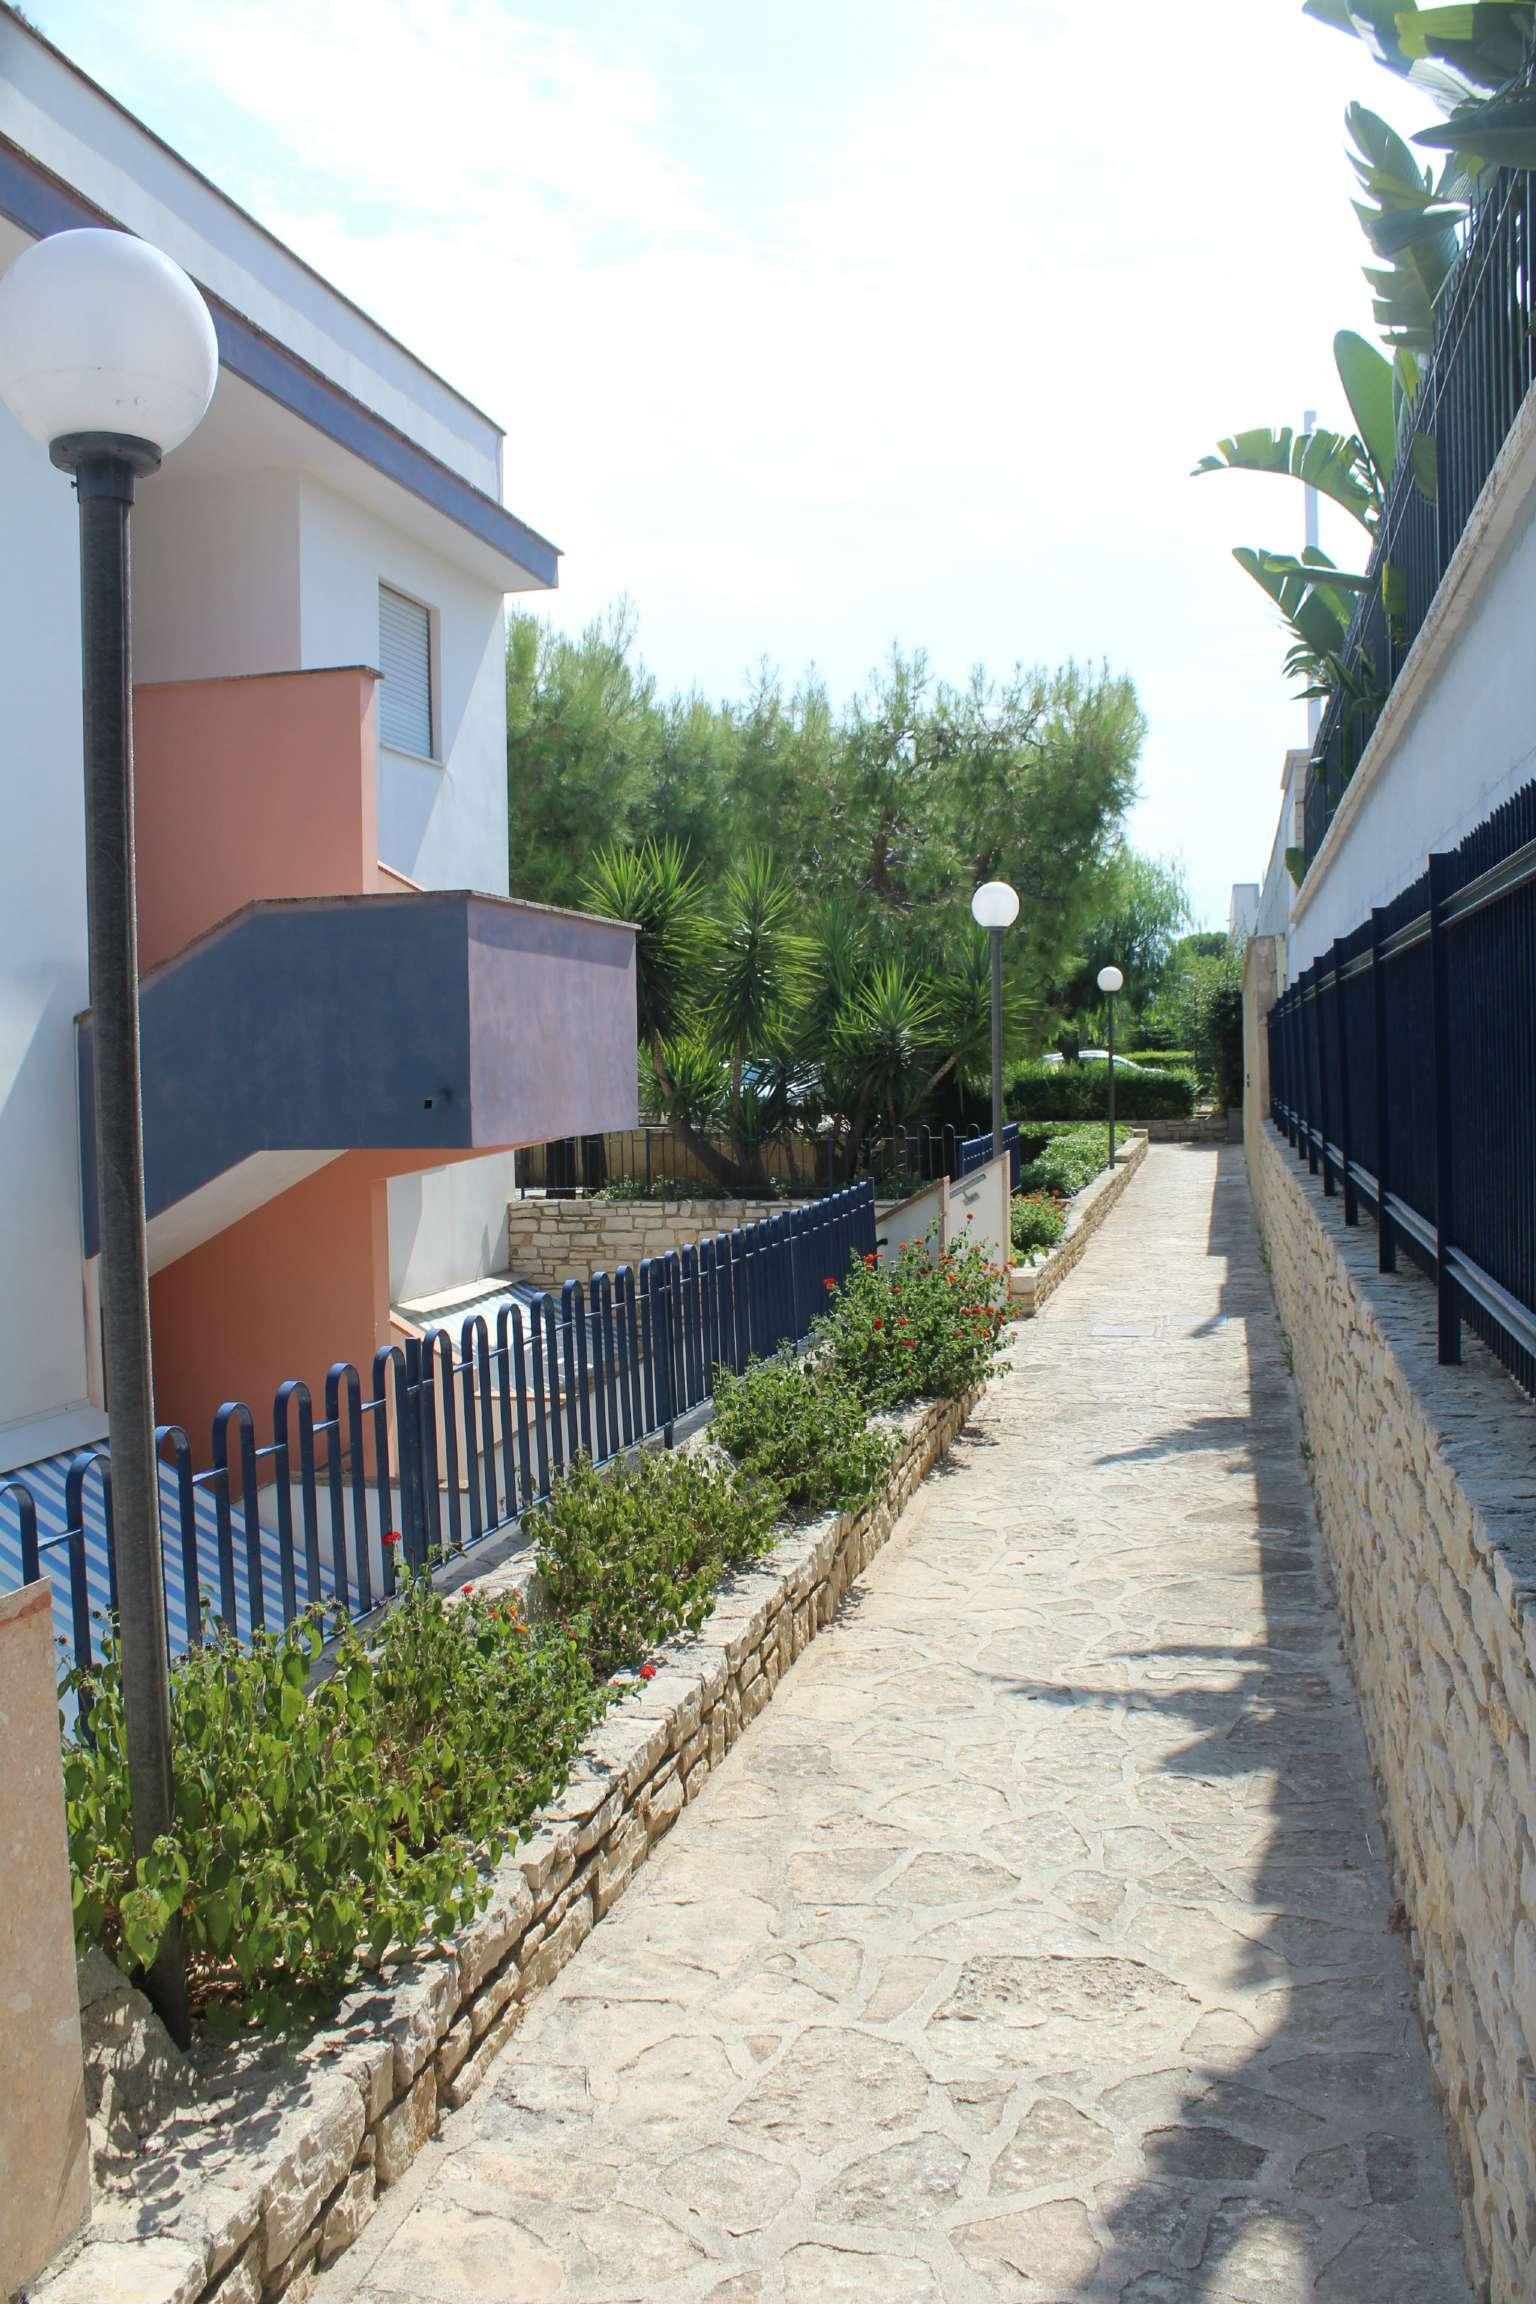 Appartamento in vendita a Bisceglie, 2 locali, prezzo € 110.000 | PortaleAgenzieImmobiliari.it